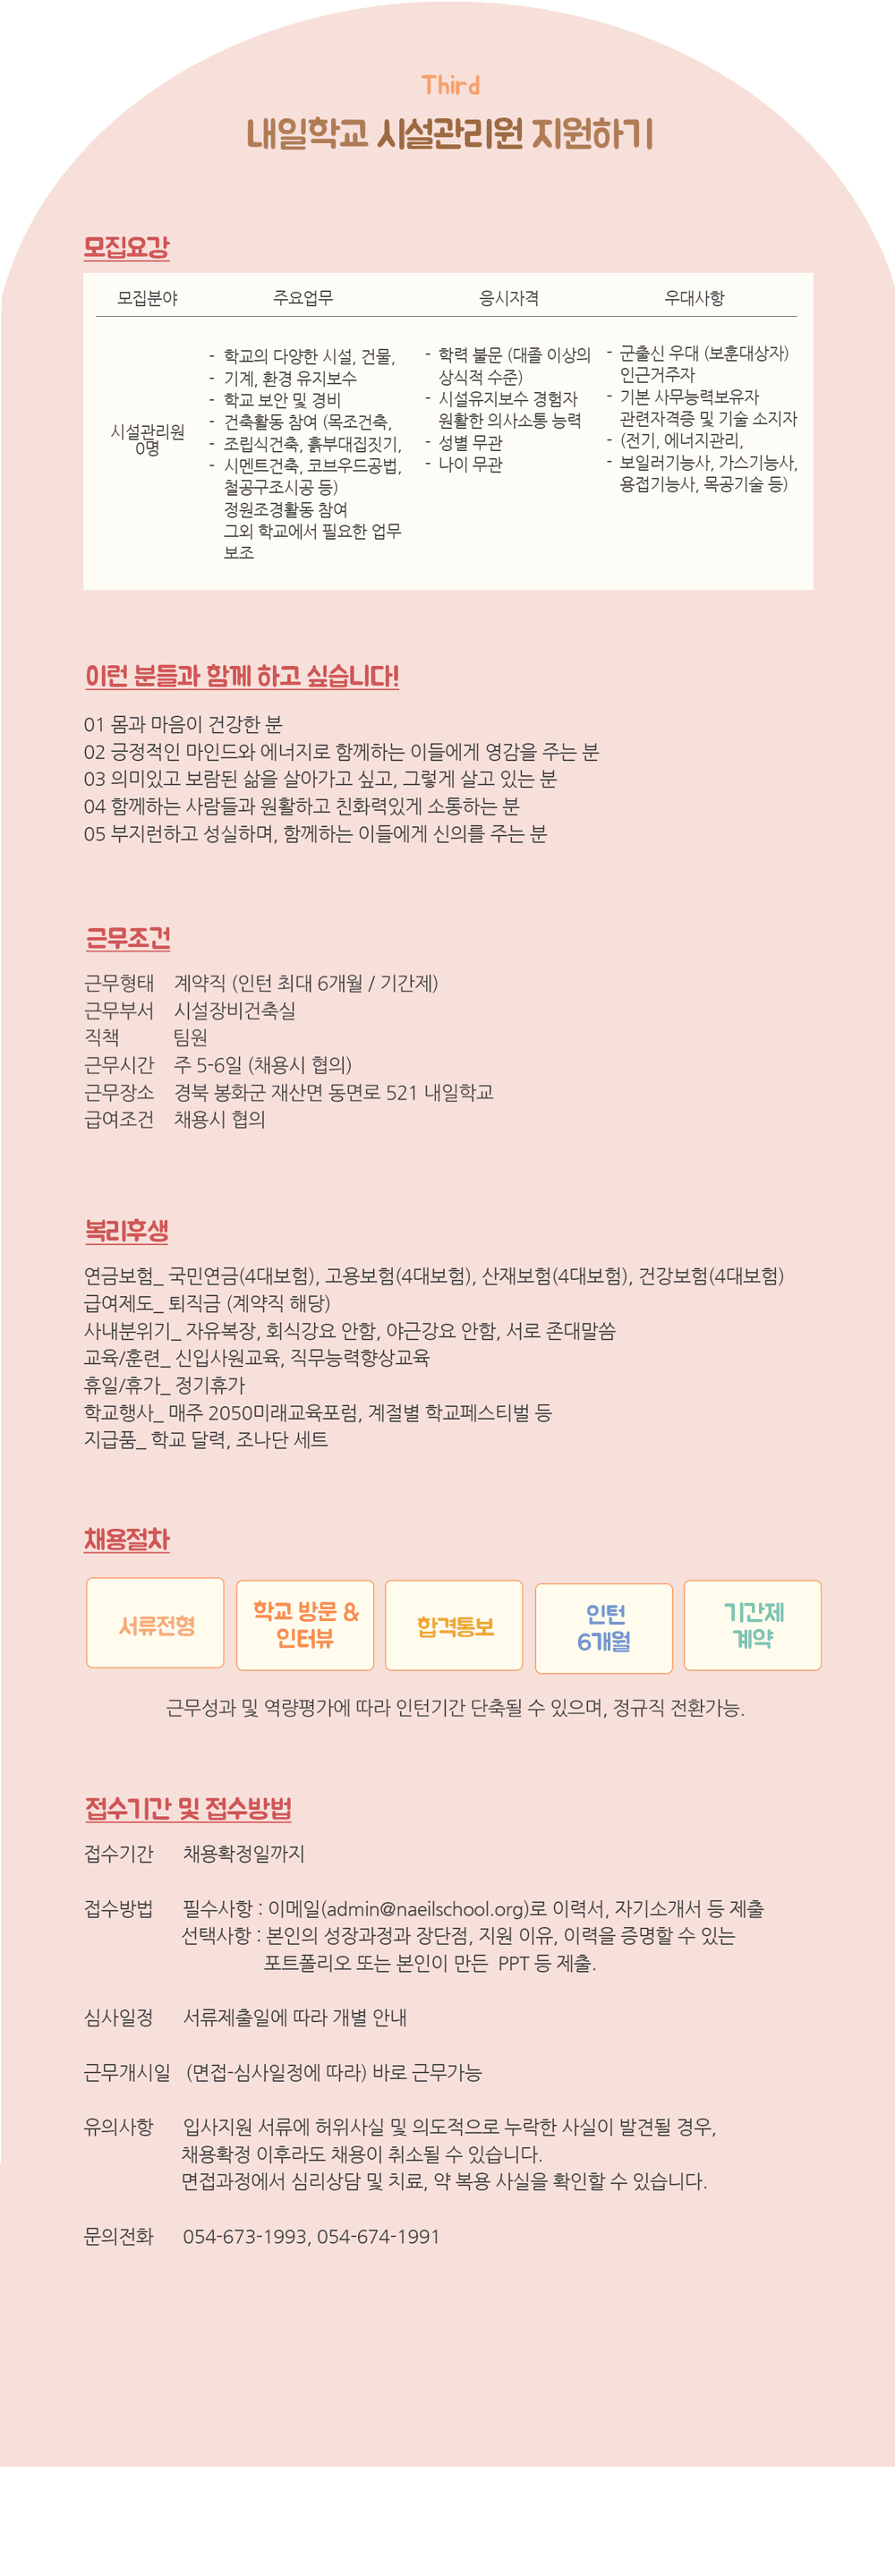 내일학교-채용공고_자람도우미-소개-3.png